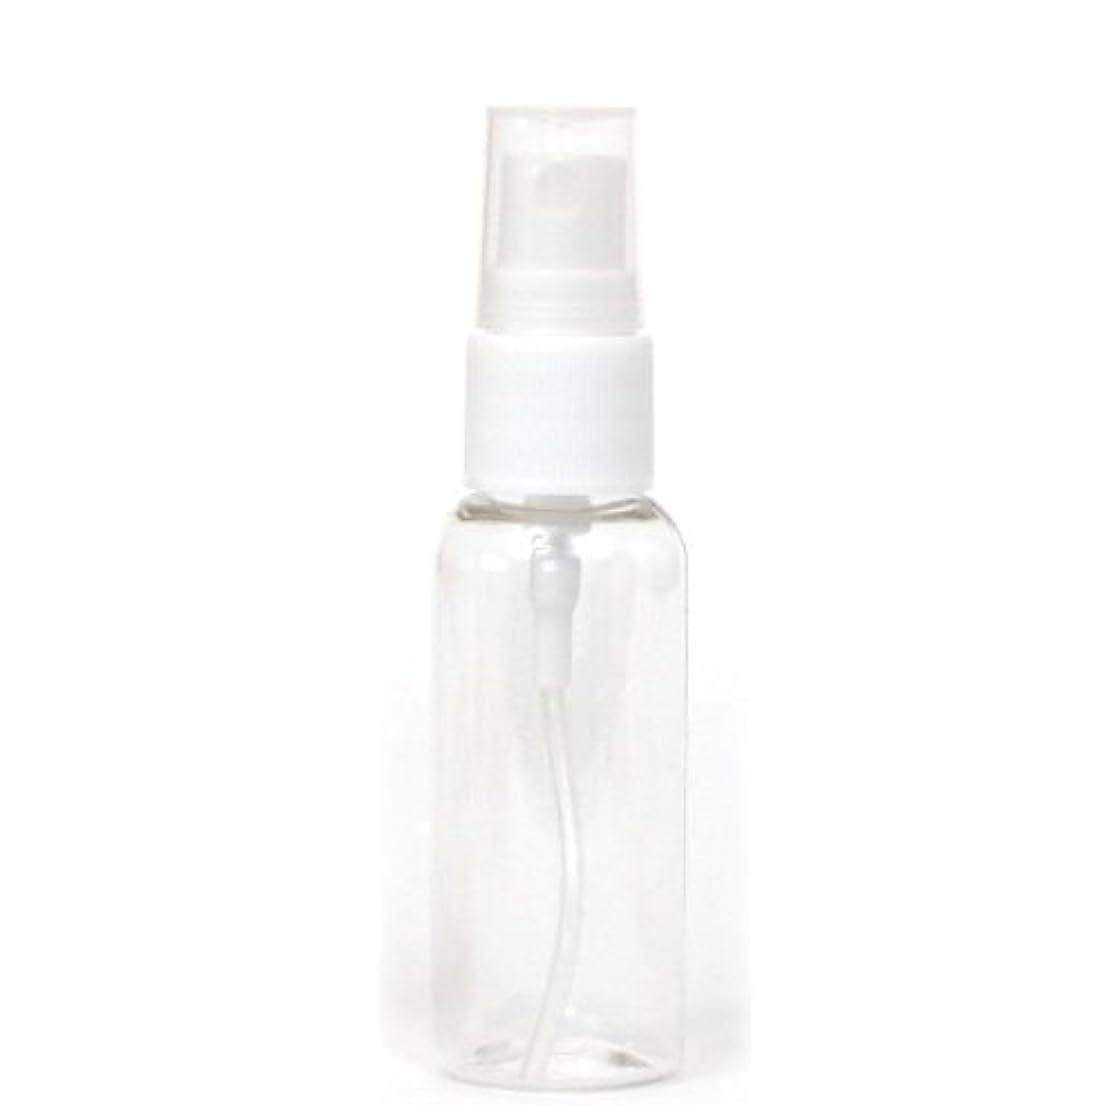 チャップシャワー鎮痛剤スプレー容器 30mL 5本セット 空ボトル30-5